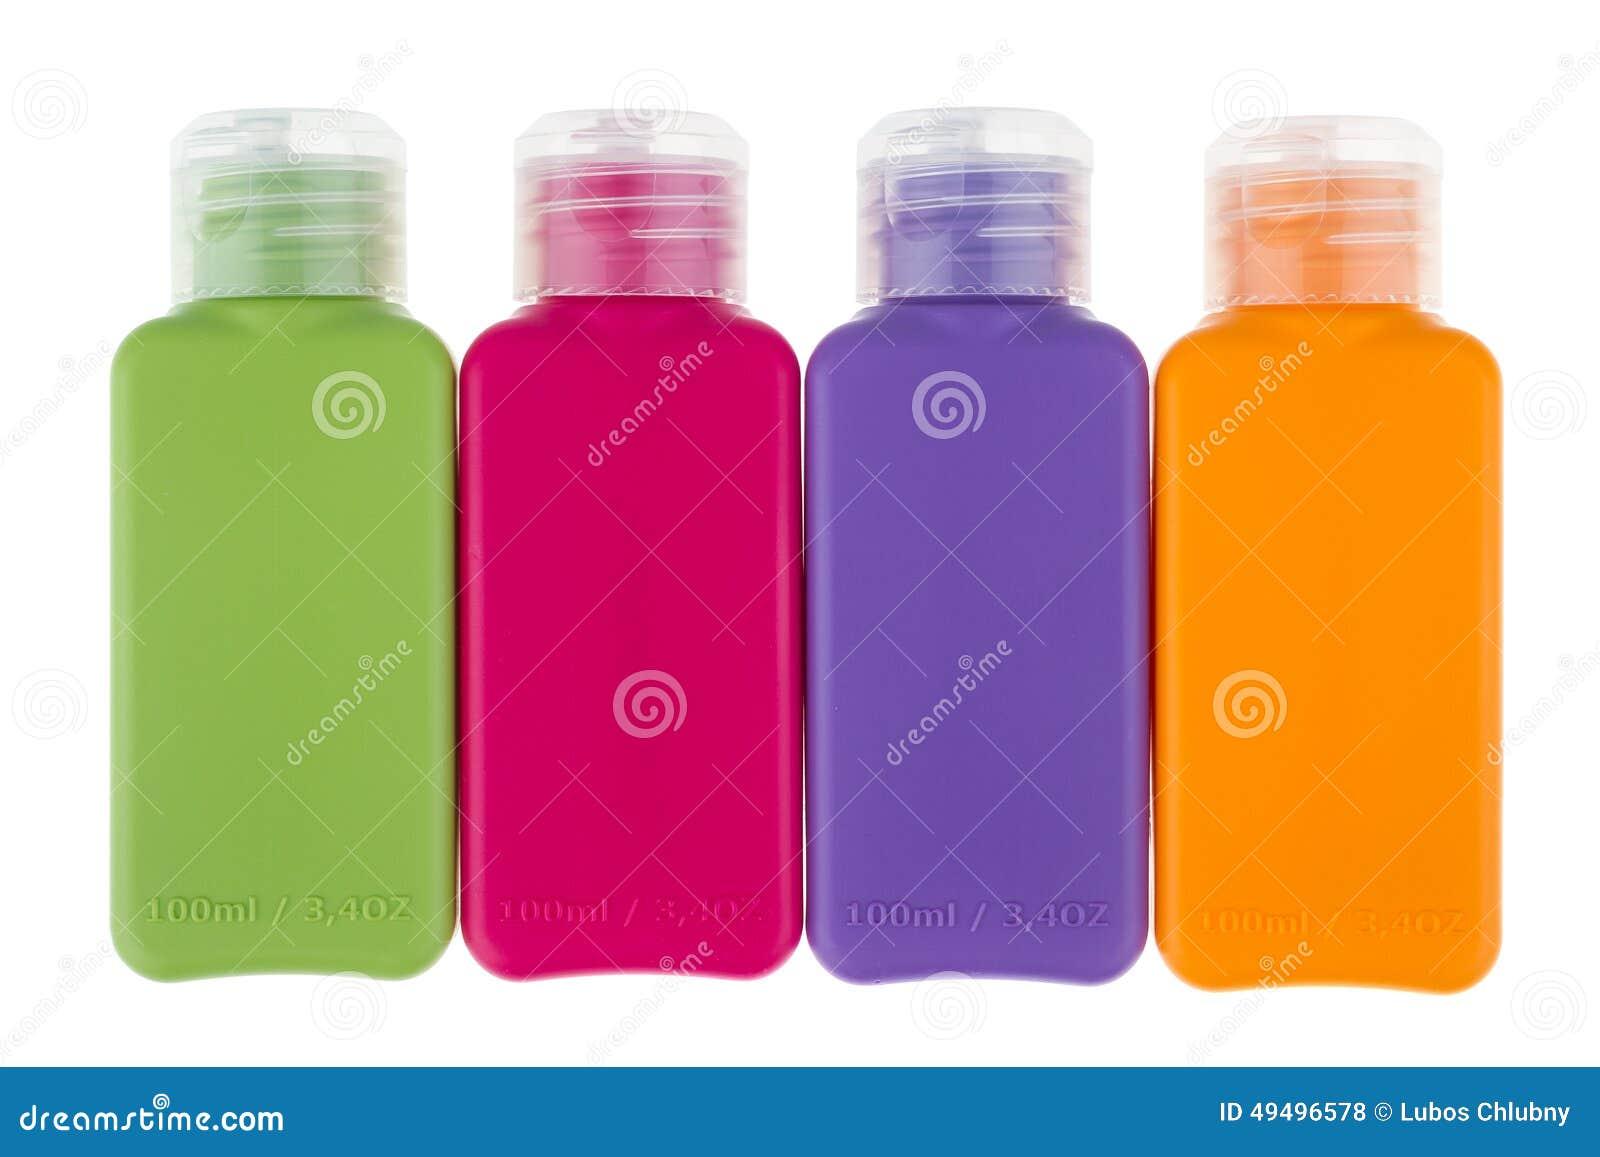 små flaskor för resan